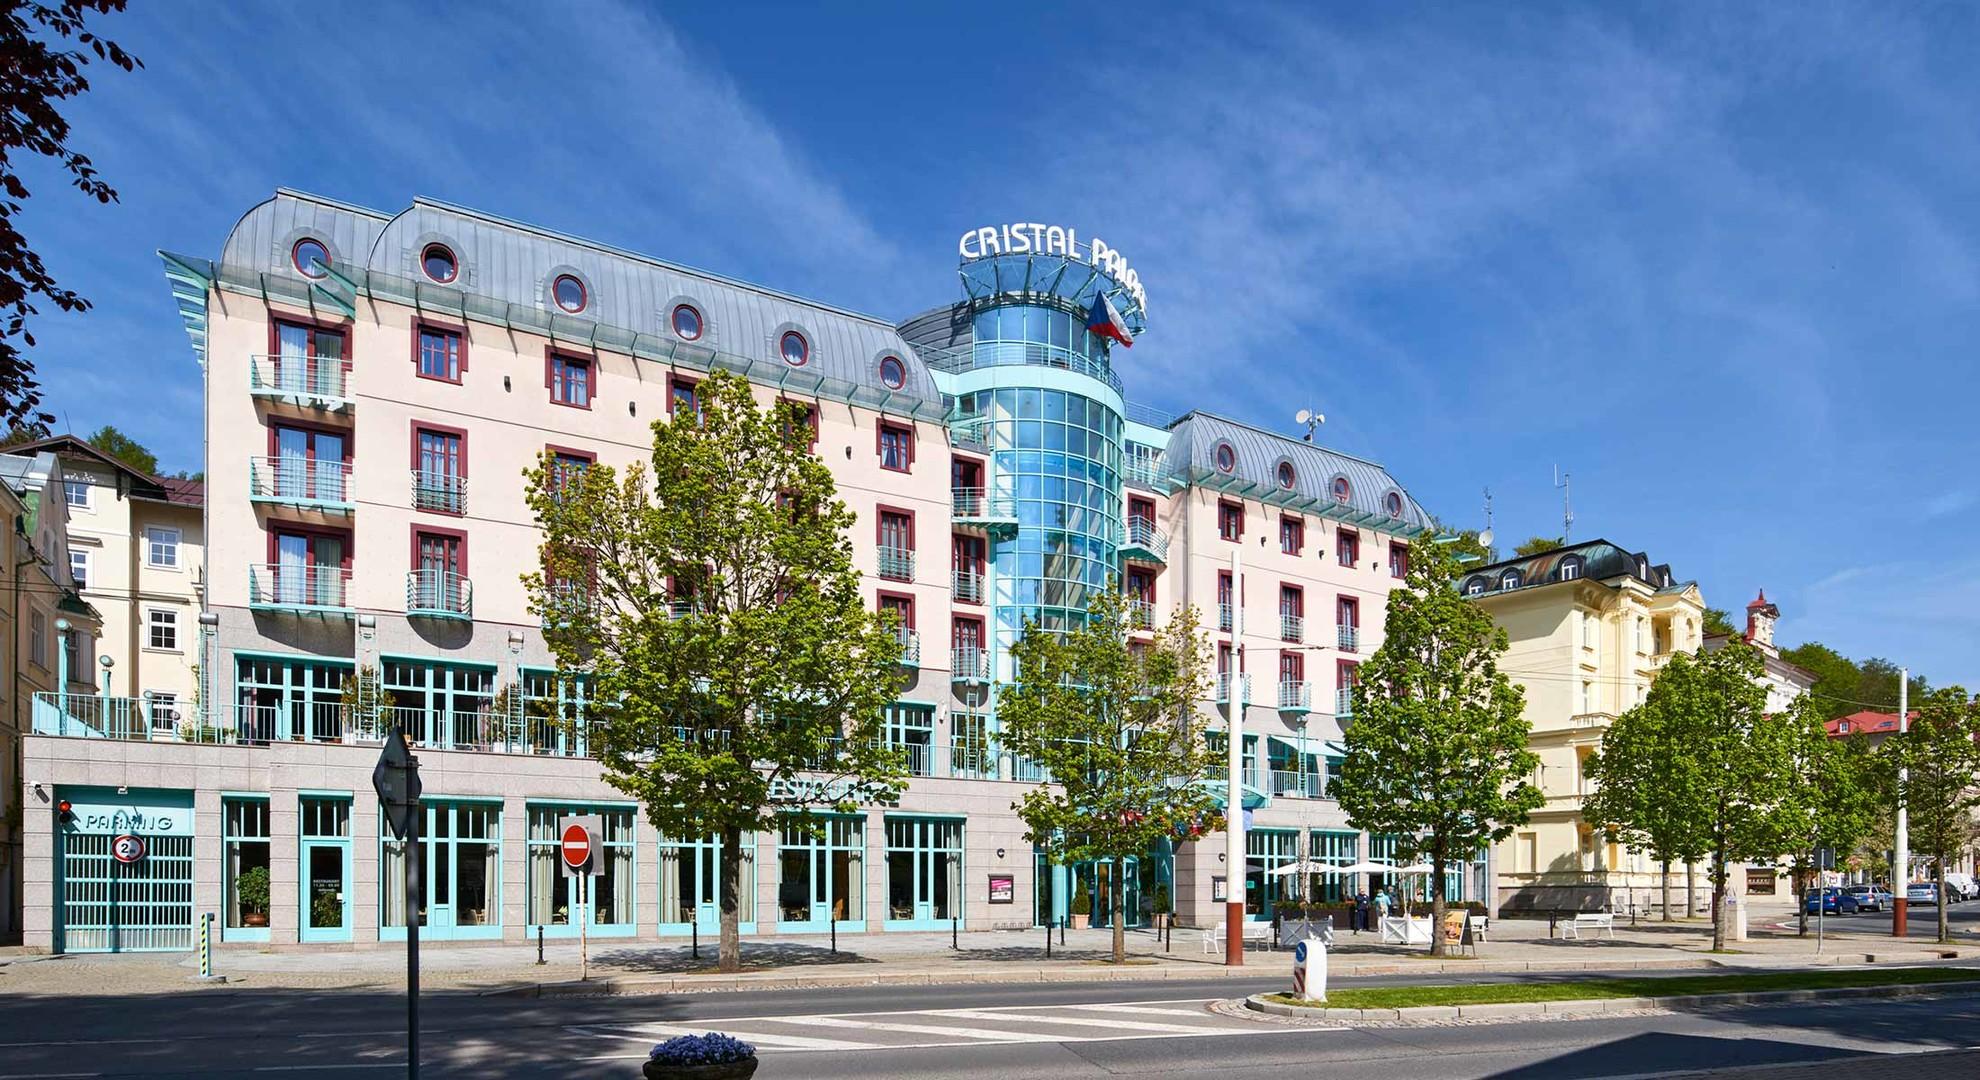 Orea Spa Hotel Cristal - Rodinná dovolená